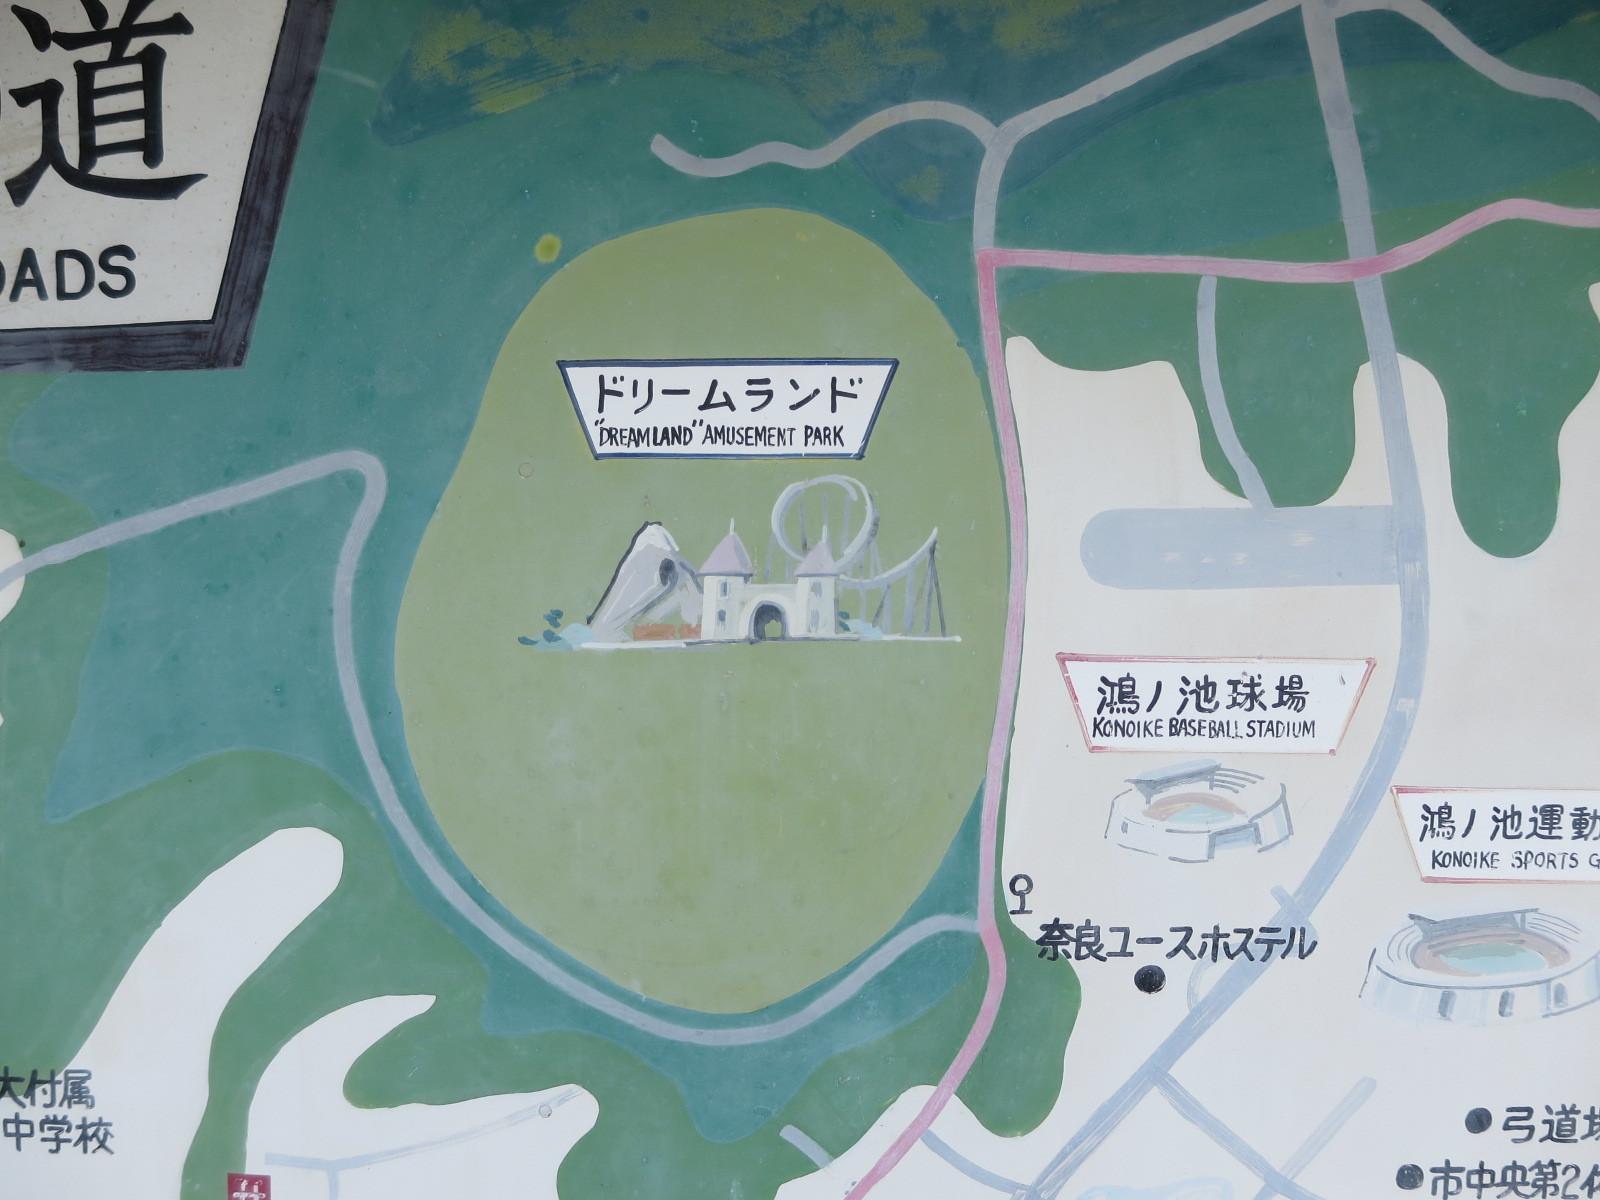 興福院門前の洋花_c0001670_14575124.jpg